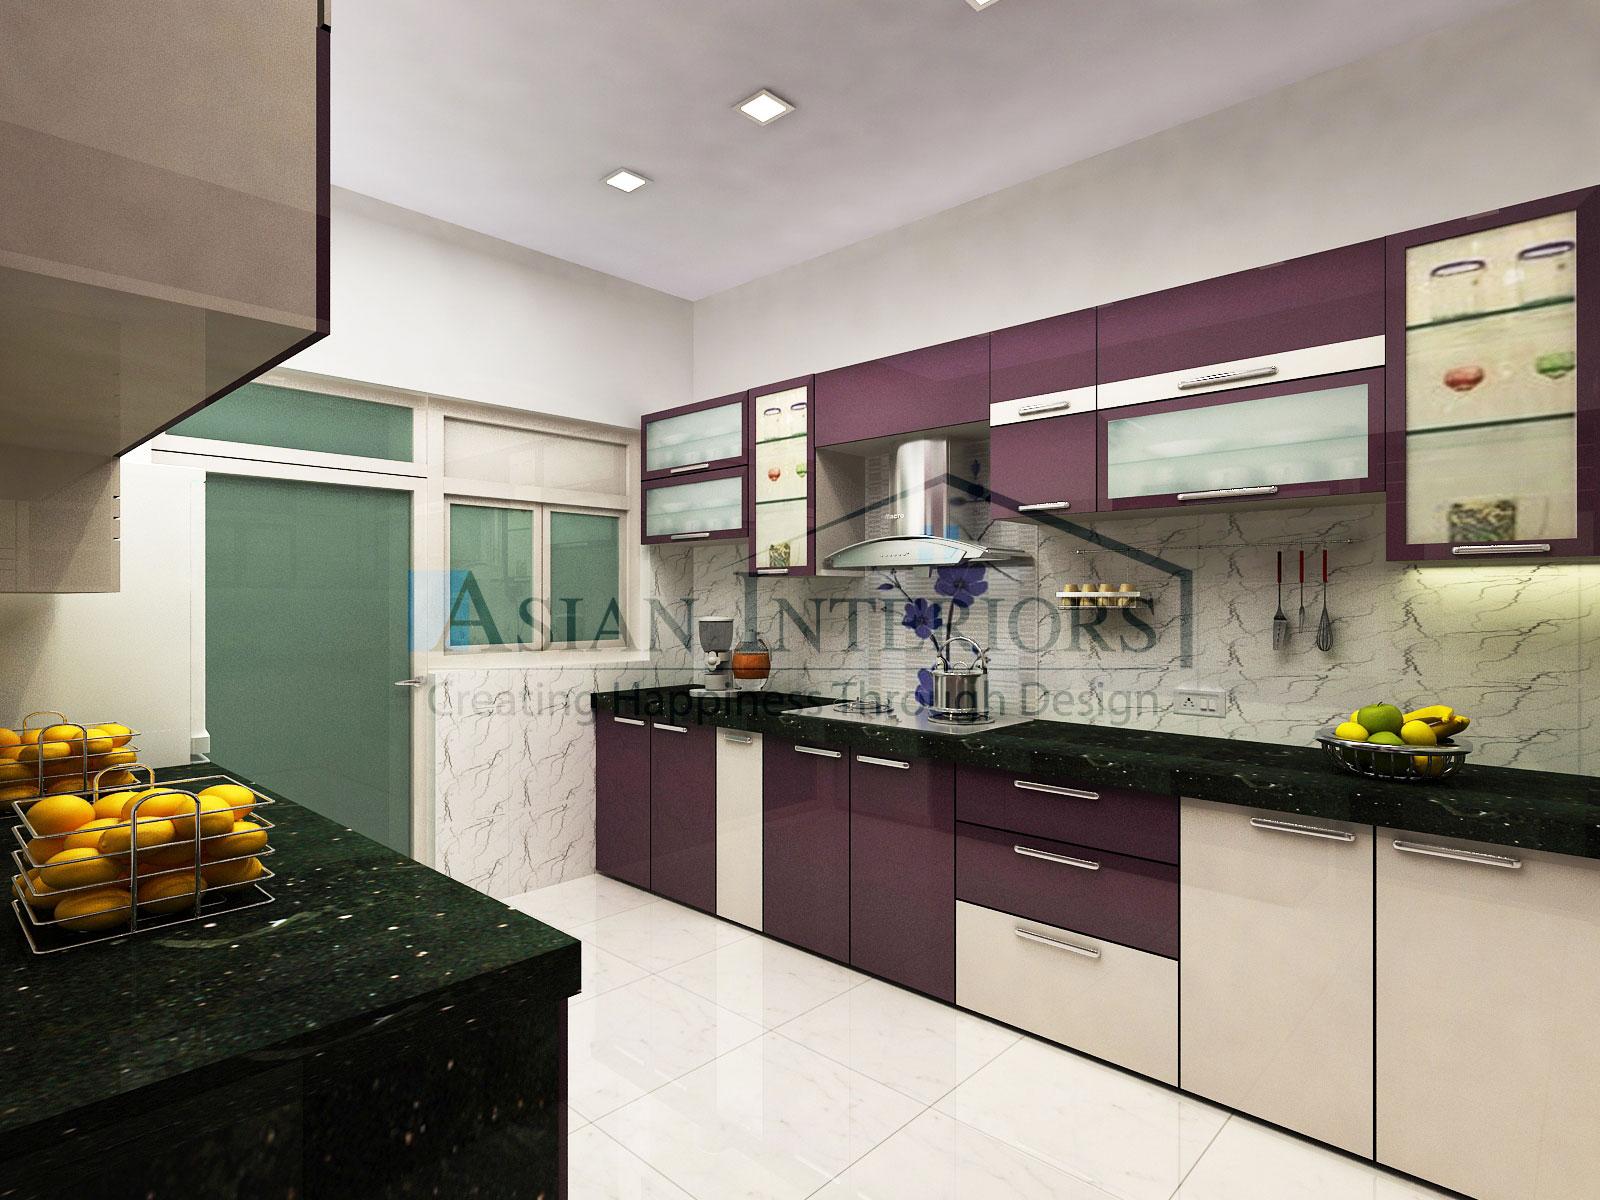 Asian-Interiors-Kitchen17